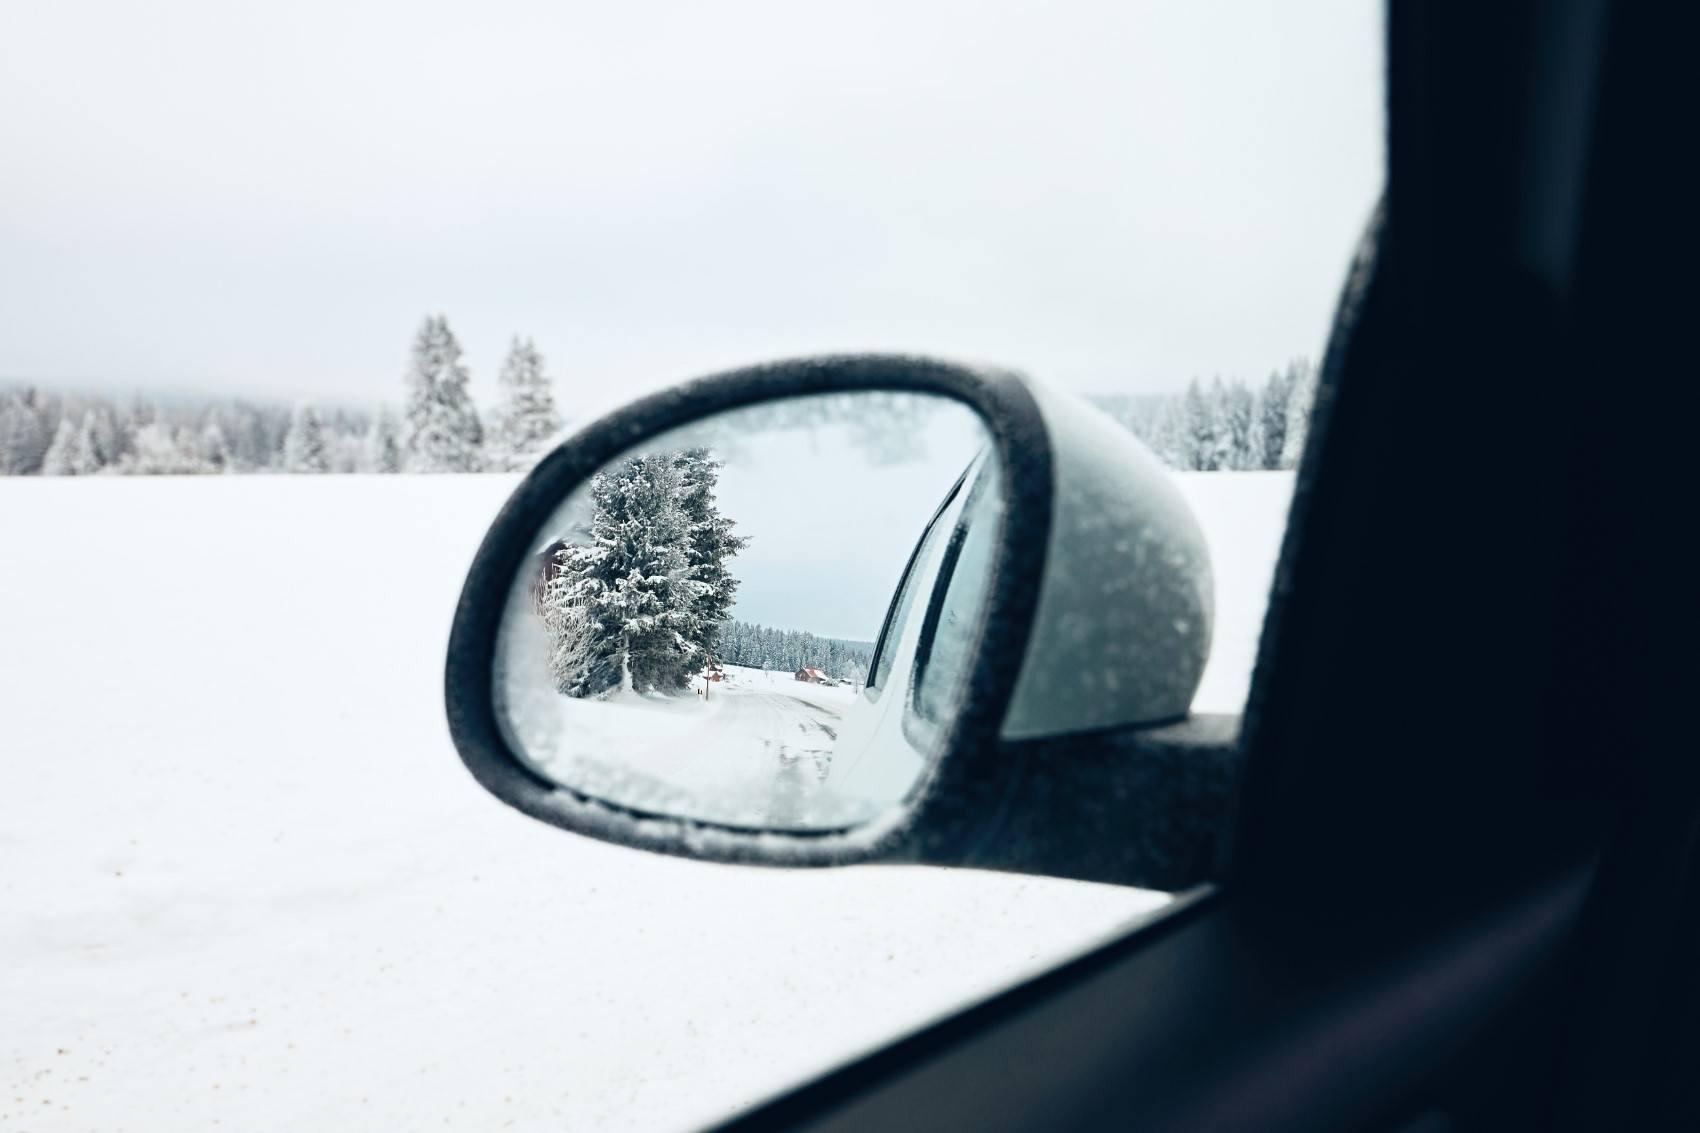 winter on the road PUHJVPD